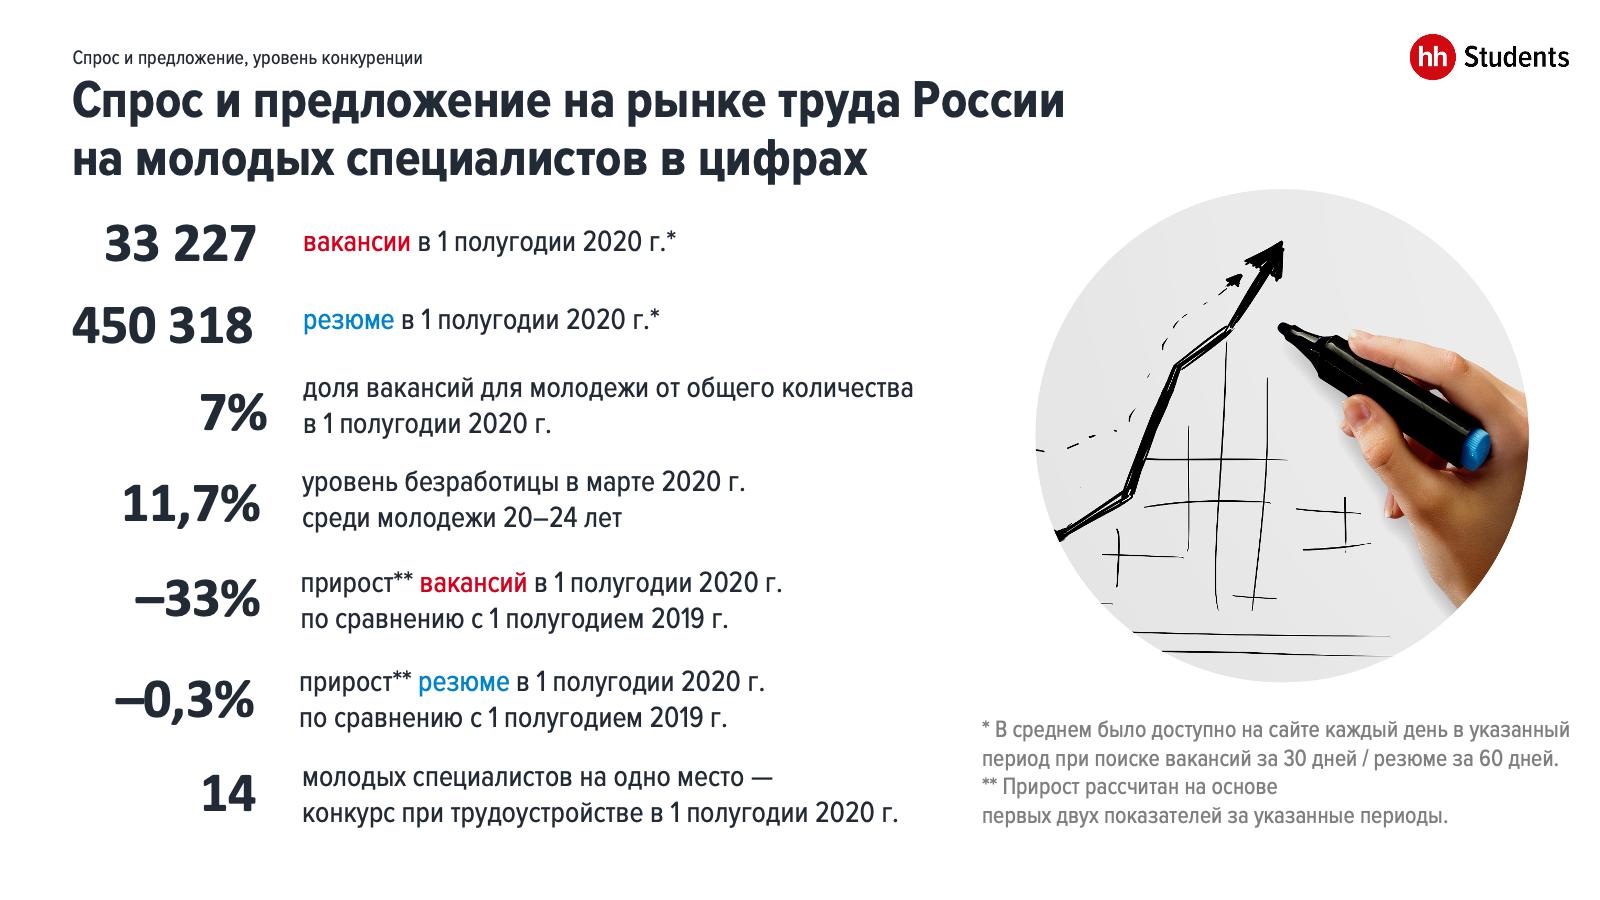 Рынок труда молодых специалистов: итоги 1 полугодия 2020 года